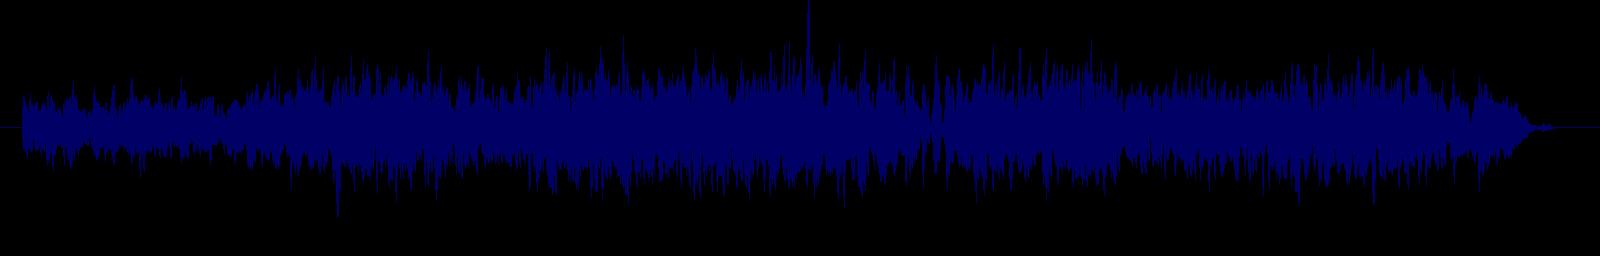 waveform of track #132088